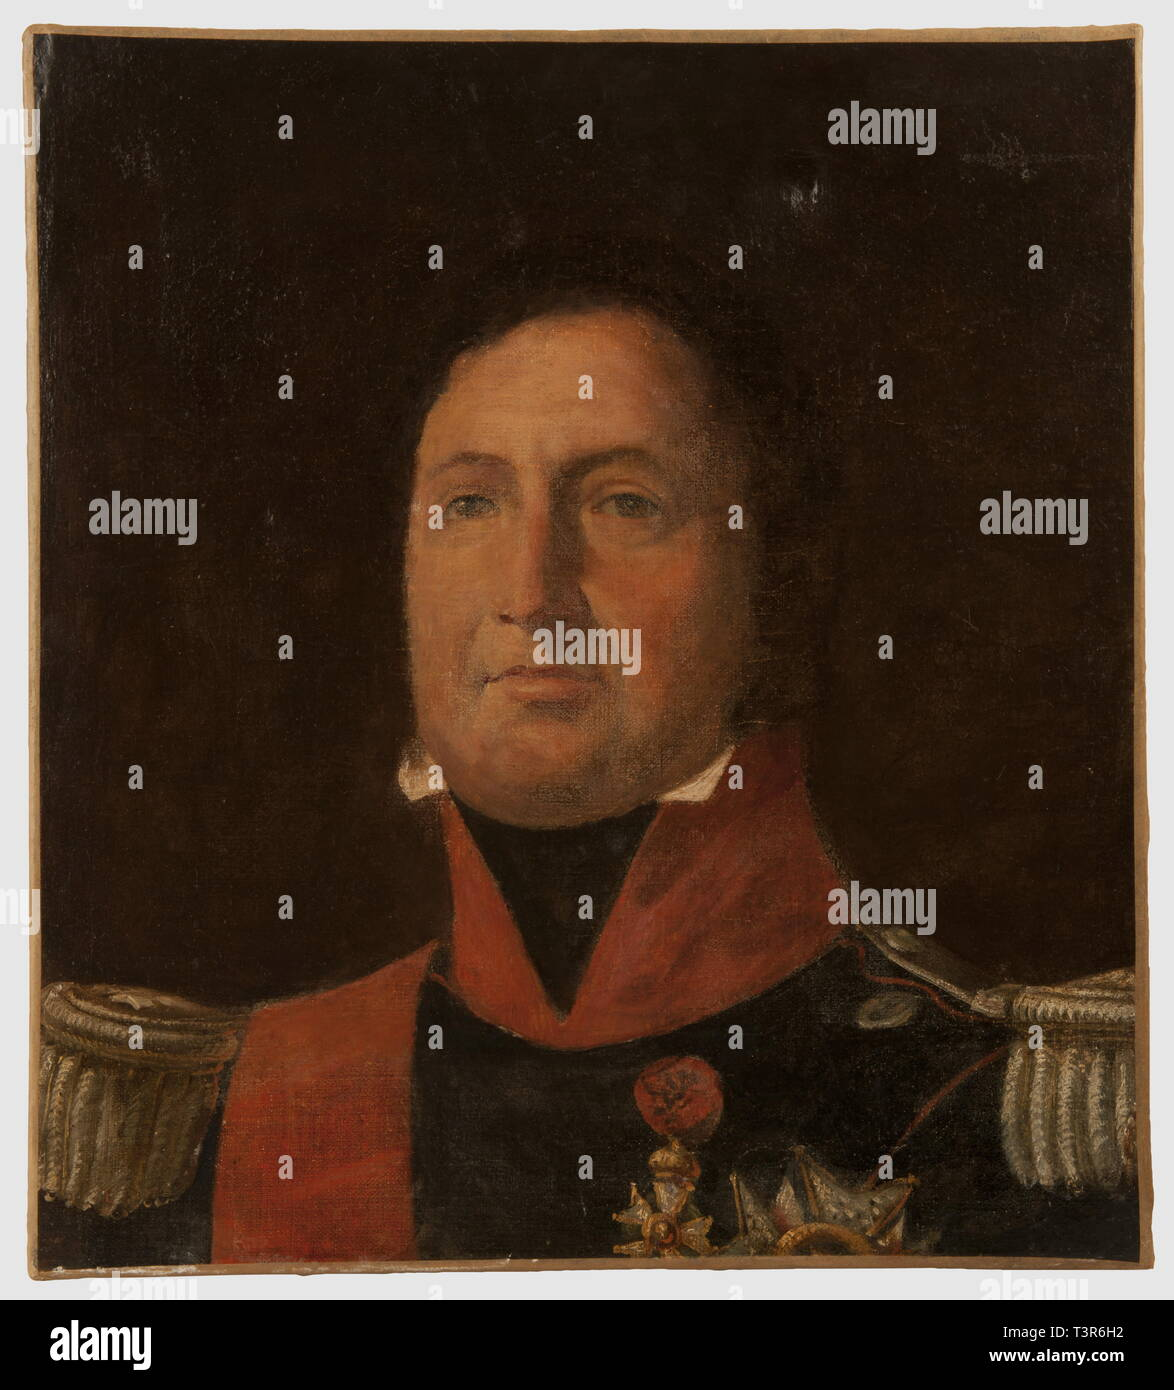 PREMIERE ET SECONDE RESTAURATION 1815-1848, Esquisse représentant le Roi Louis-Philippe 1er, portant l'uniforme d'officier supérieur de la Garde Nationale, huile sur toile. Le Roi porte un habit à fond de drap bleu, collet et passepoil écarlates, boutons argentés, épaulettes d'officier général en fil d'argent. Le Roi est décoré du Grand Cordon de la Légion d'Honneur, de la Croix et de la Grand-Croix de l'Ordre. Hauteur 49 cm, largeur 45 cm. Ensemble en bon état, léger enfoncement sur la partie supérieure de la toile, présenté sans cadre, Additional-Rights-Clearance-Info-Not-Available - Stock Image